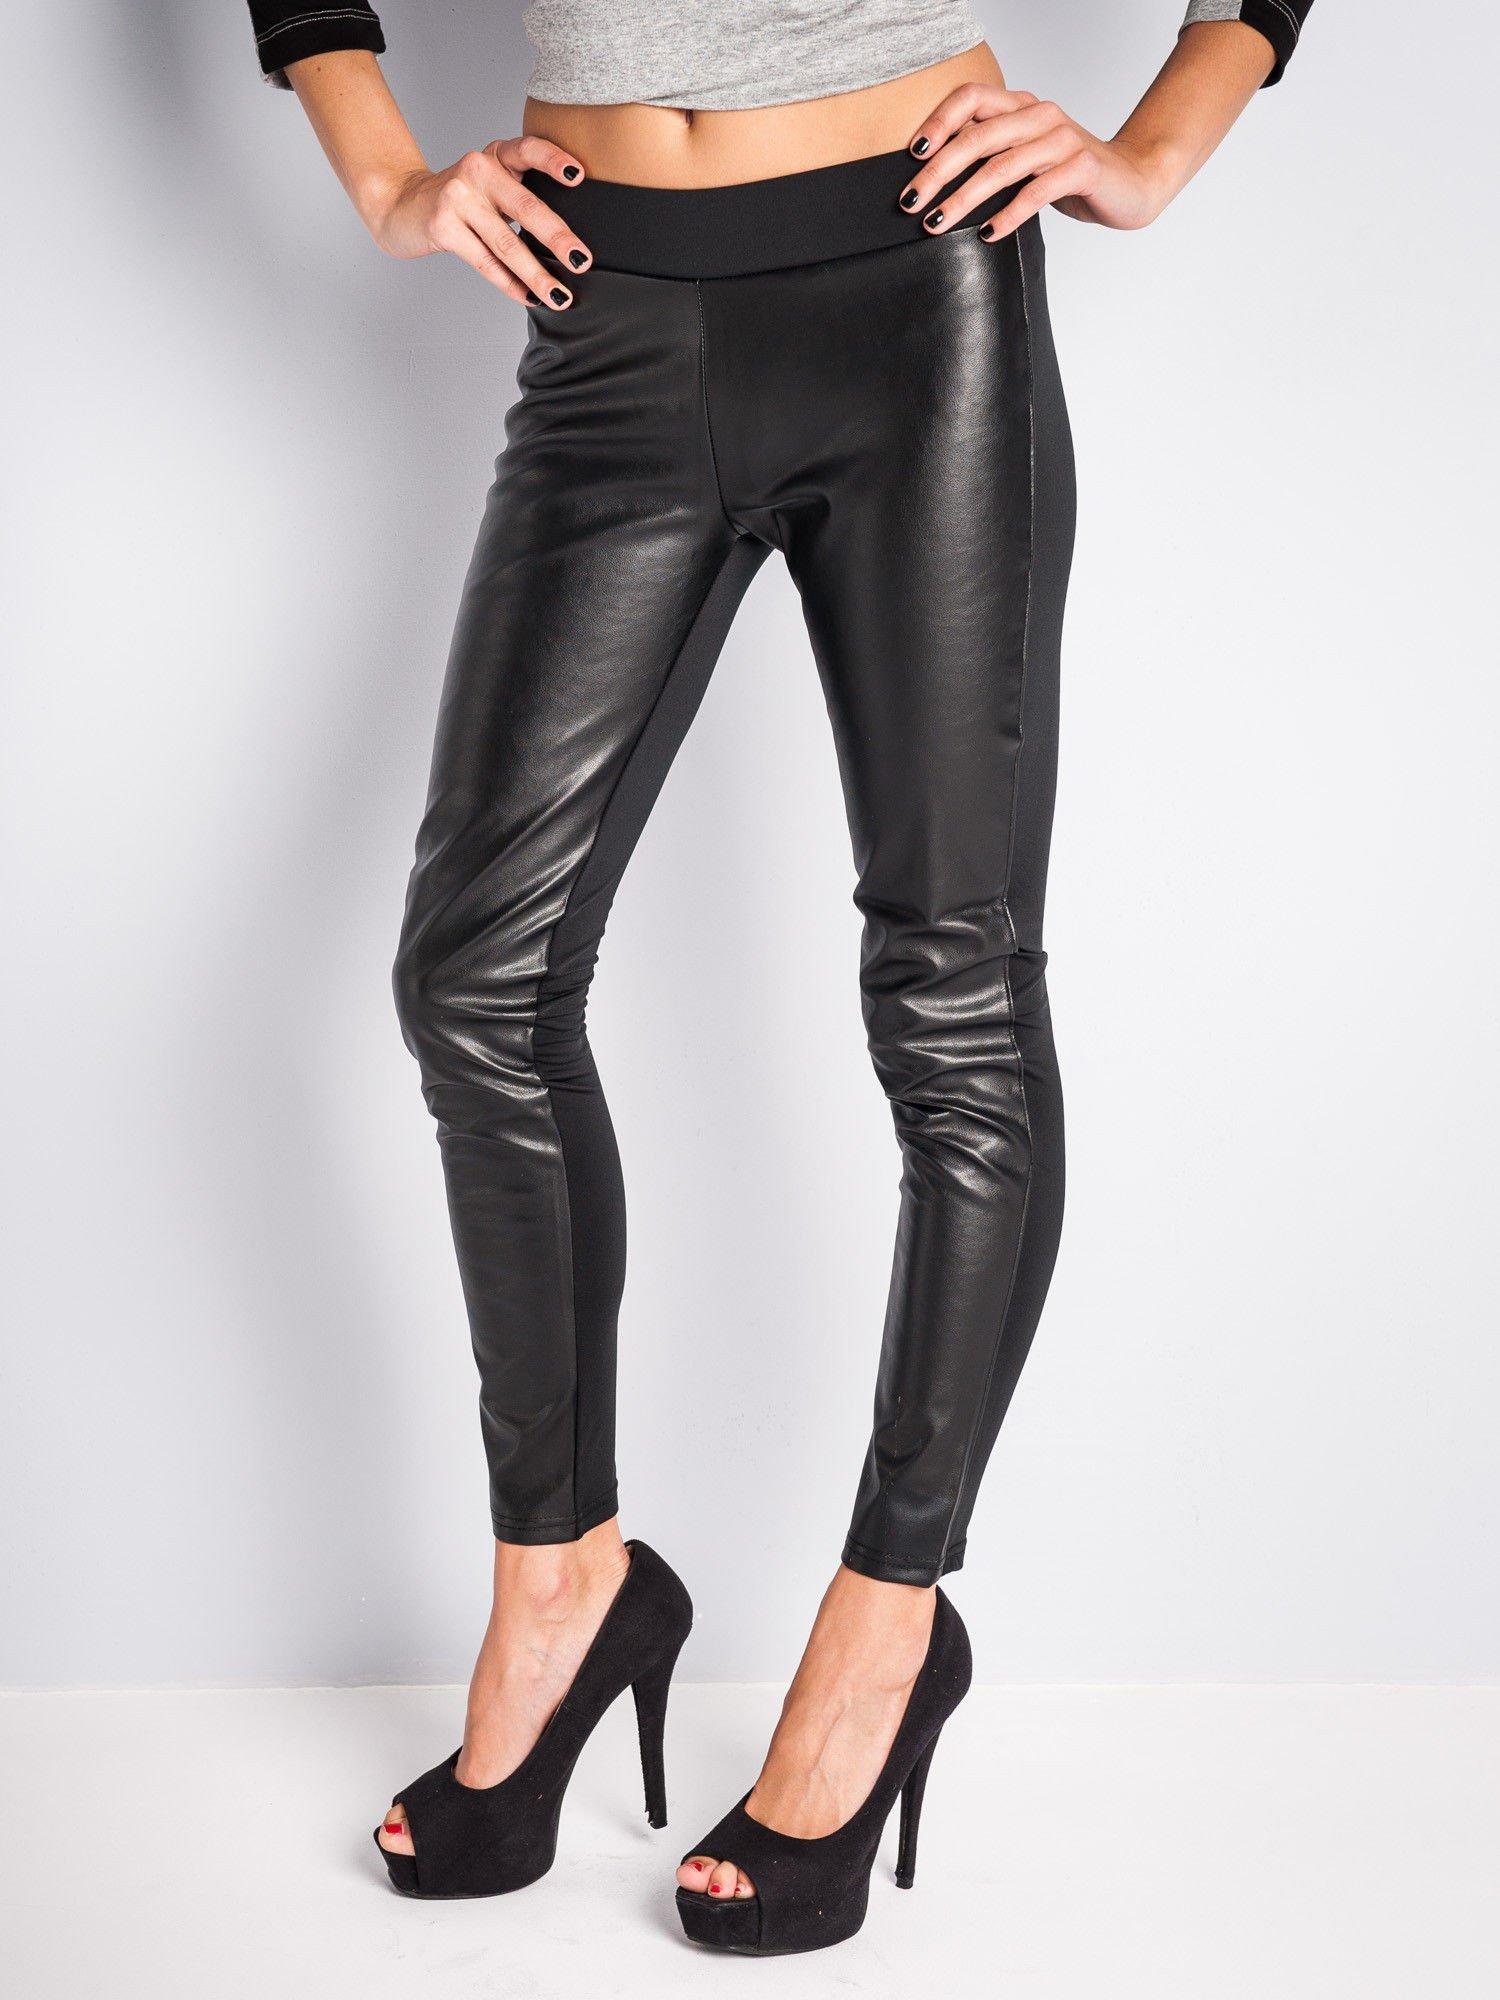 Czarne dwustronne legginsy skórzane                                  zdj.                                  1